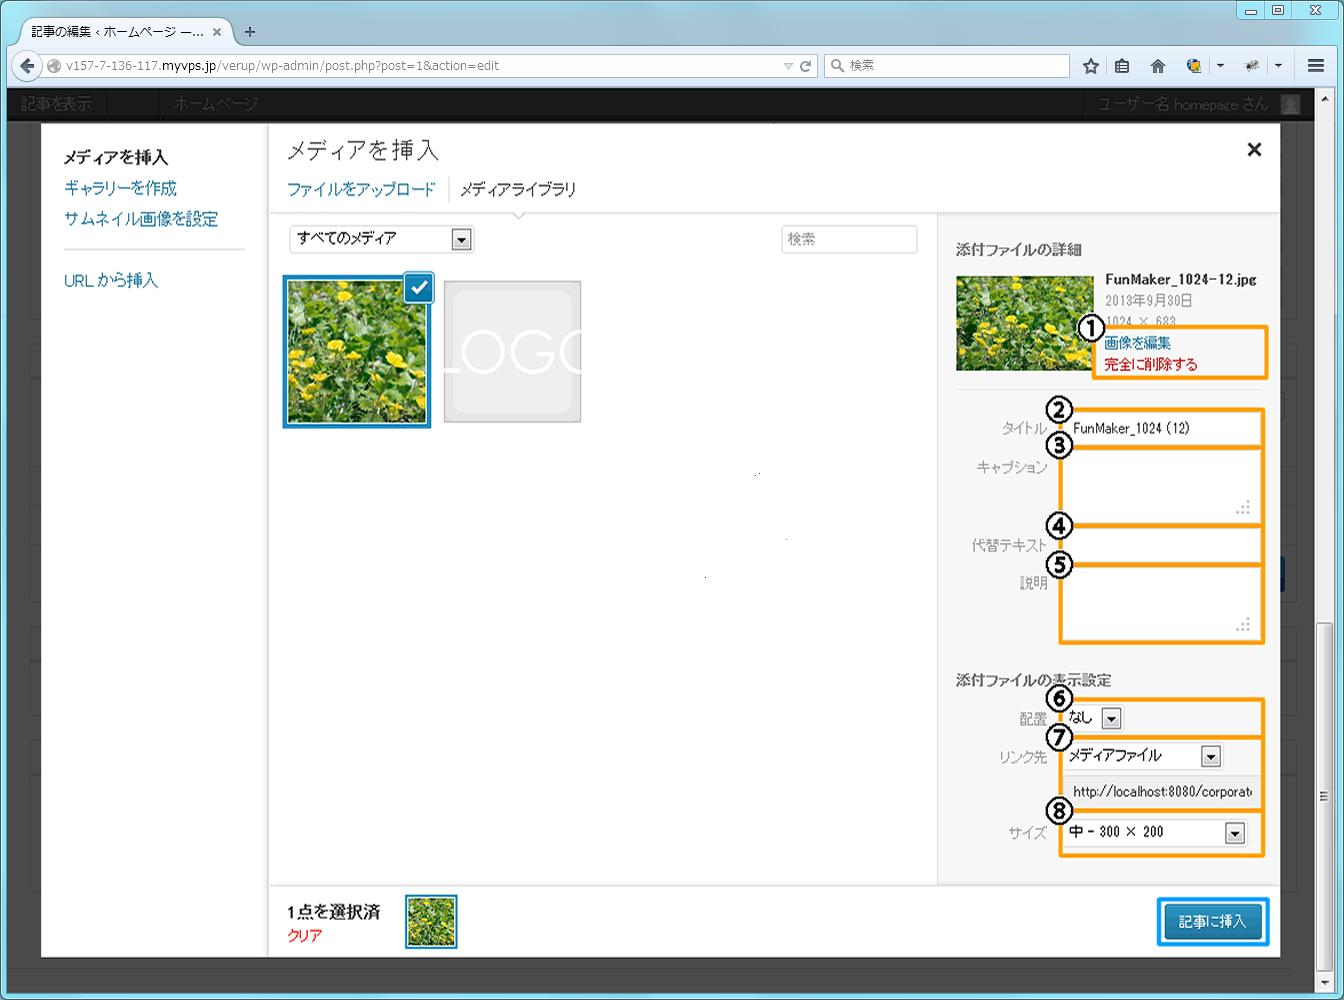 記事 画像の追加 ファイルを選択 | 簡単格安ホームページ作成サイト - FunMaker